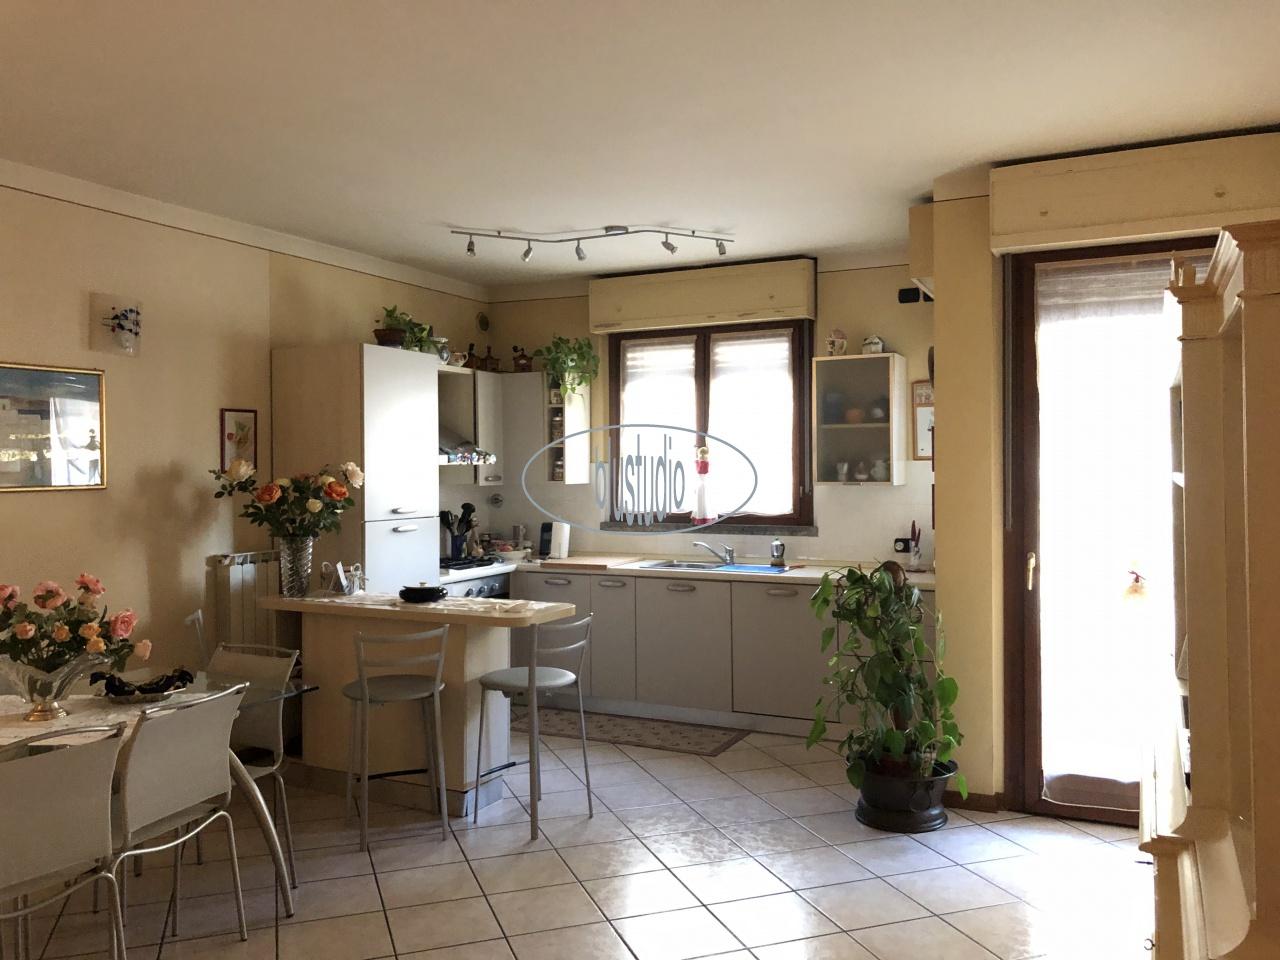 Appartamento in vendita a Figline e Incisa Valdarno, 4 locali, prezzo € 190.000 | PortaleAgenzieImmobiliari.it